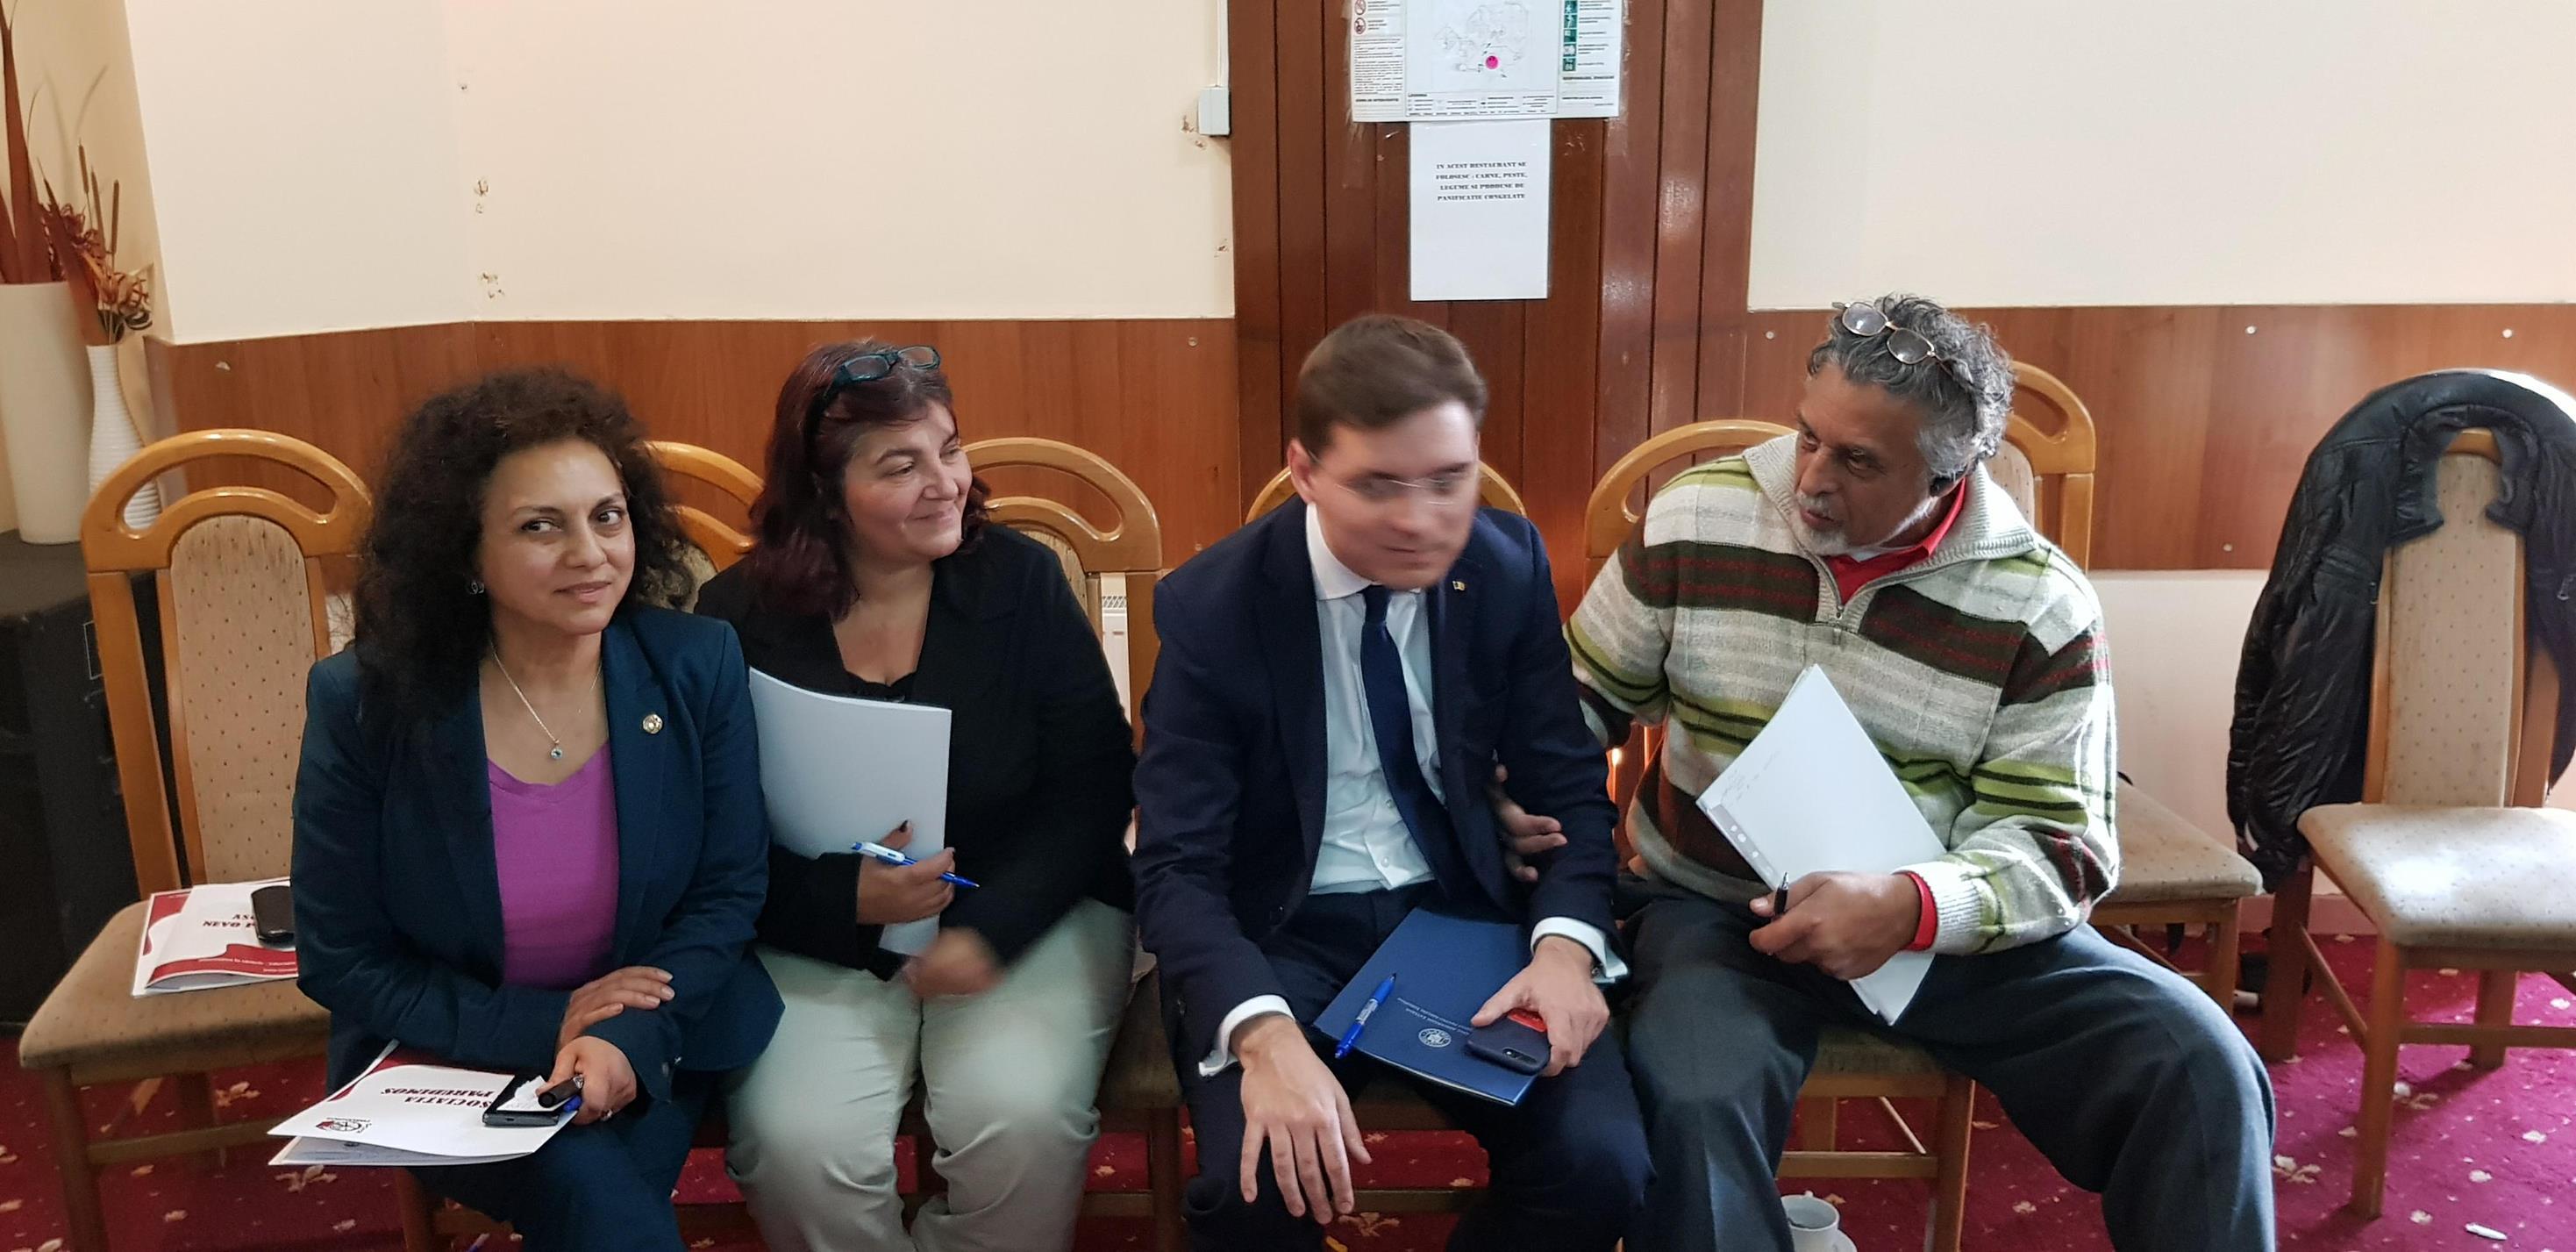 intalnire Ministru delagat afaceri europene